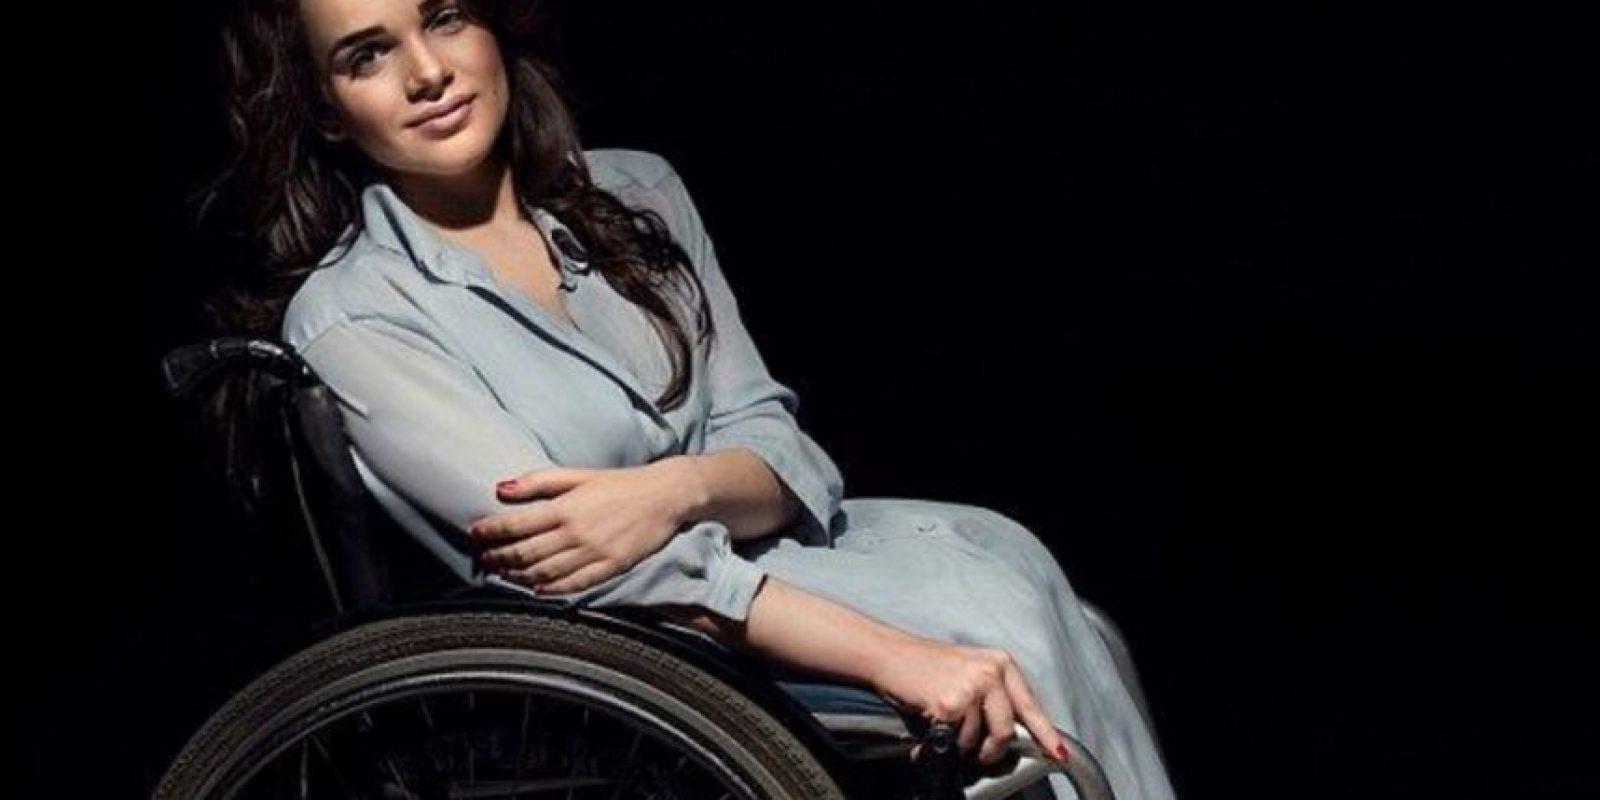 Alexandra Kutas es ucraniana y también hizo su debut en una Fashion Week de su país. Foto:Getty Images